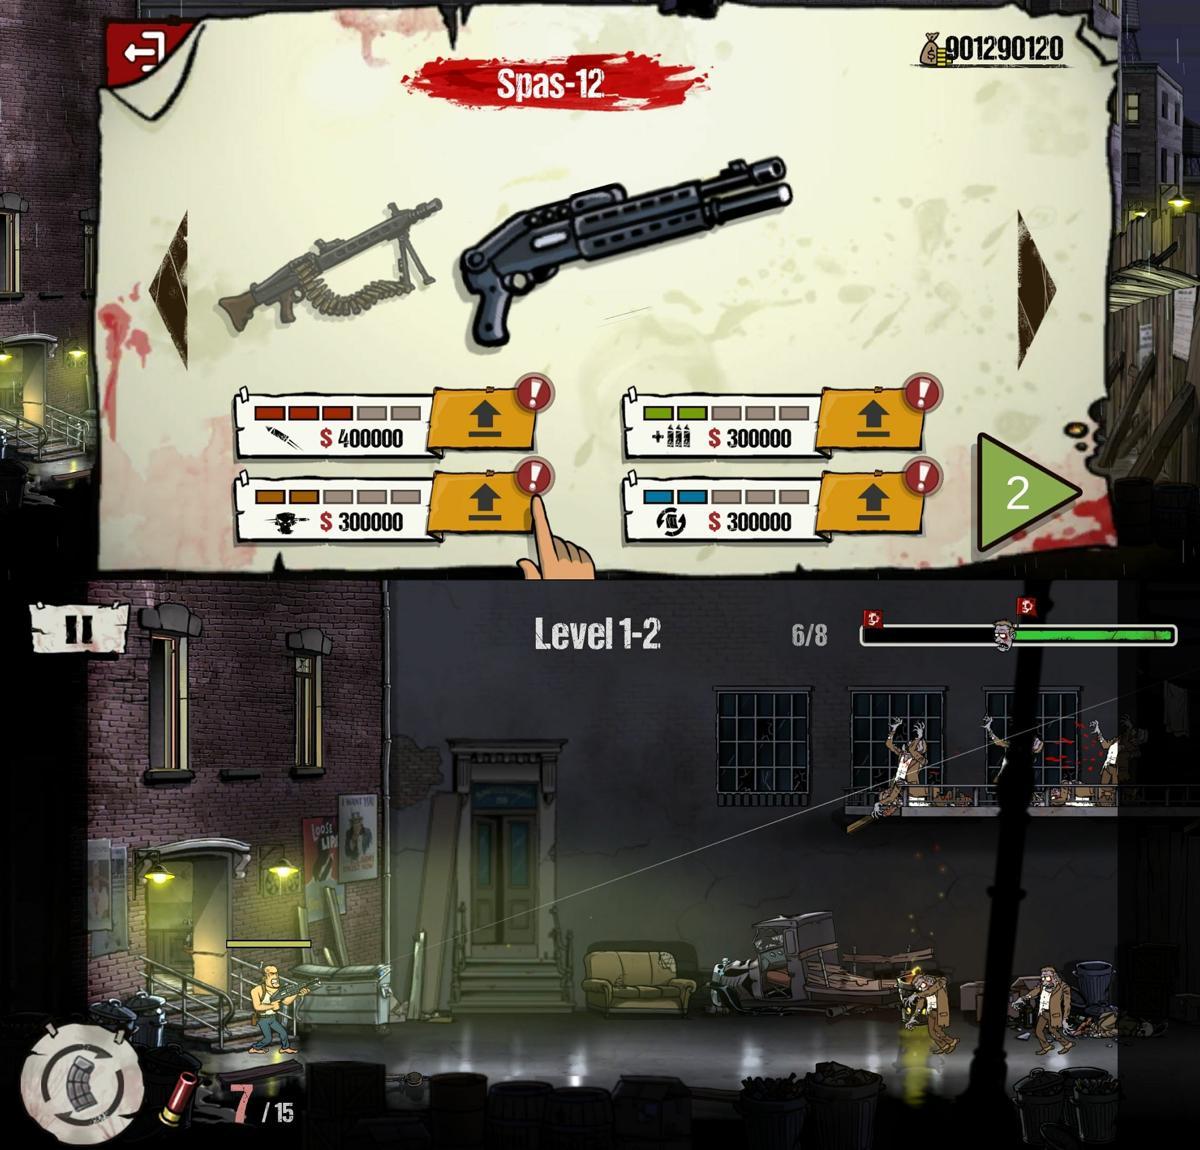 僵尸射手经典射击游戏